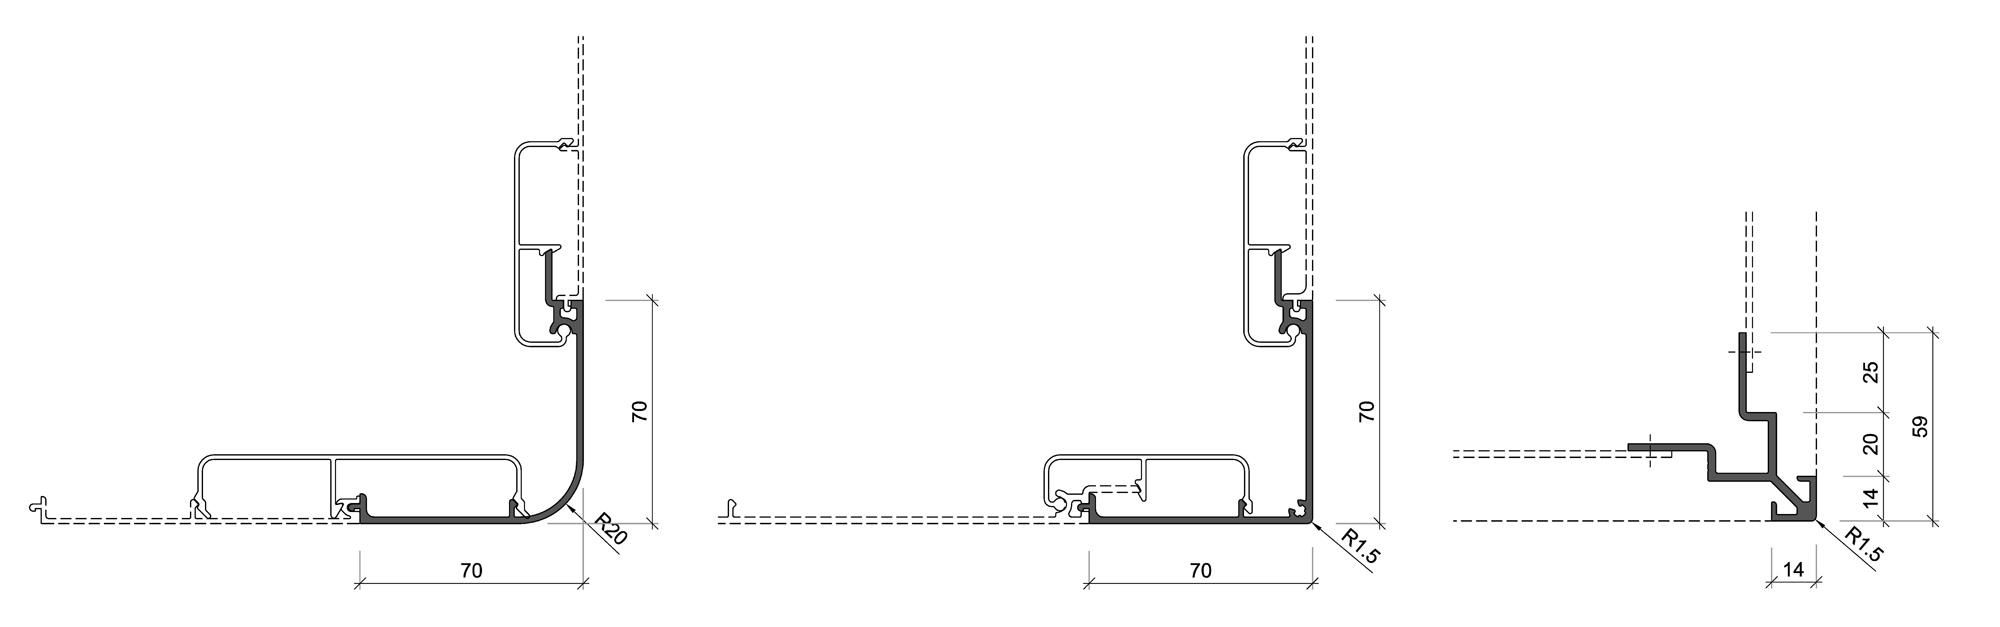 technische Zeichnung für Aluminiumfassade